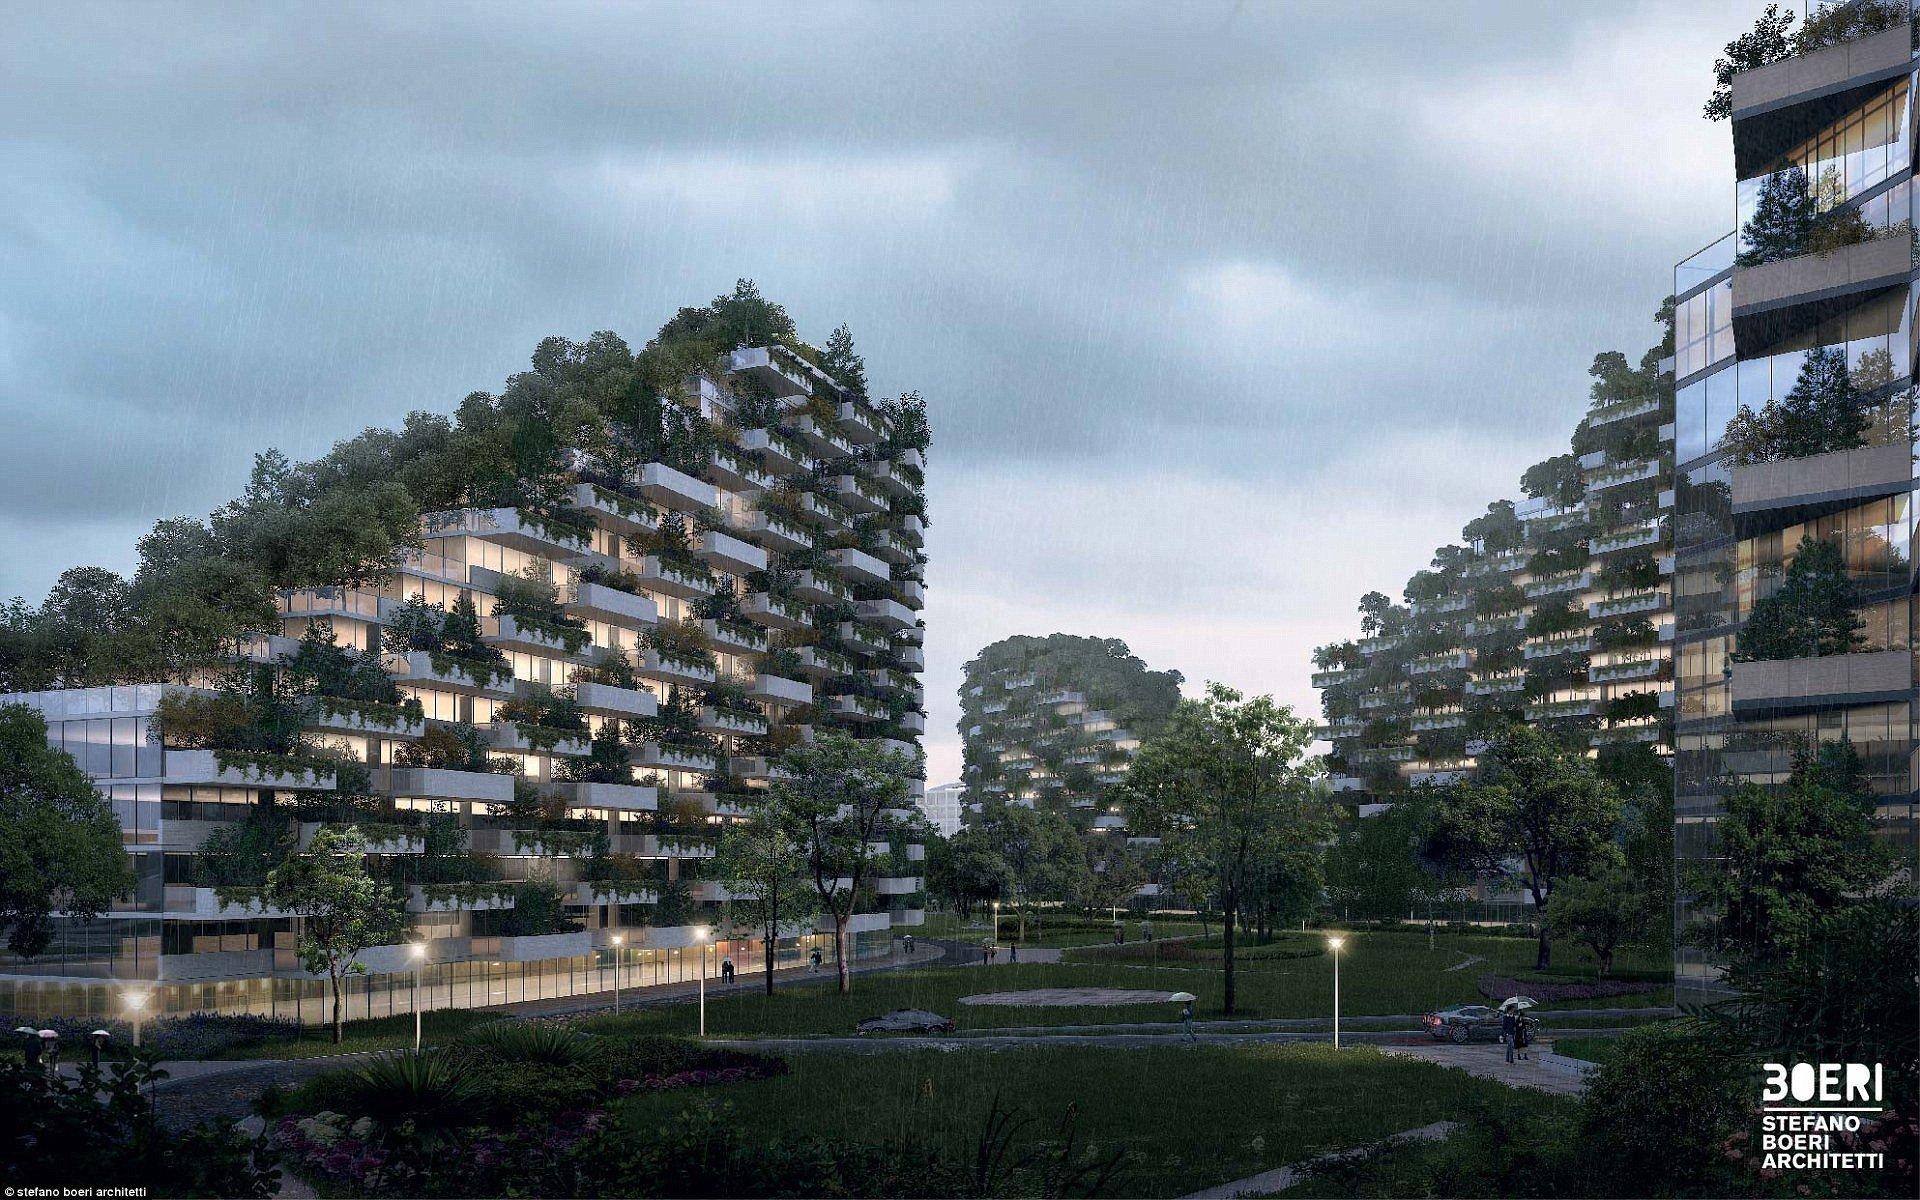 В Китае построят первый в мире город-лес ynews, архитектура будущего, будущее, город будущего, китай, китайцы молодцы, познавательно, эко-дом